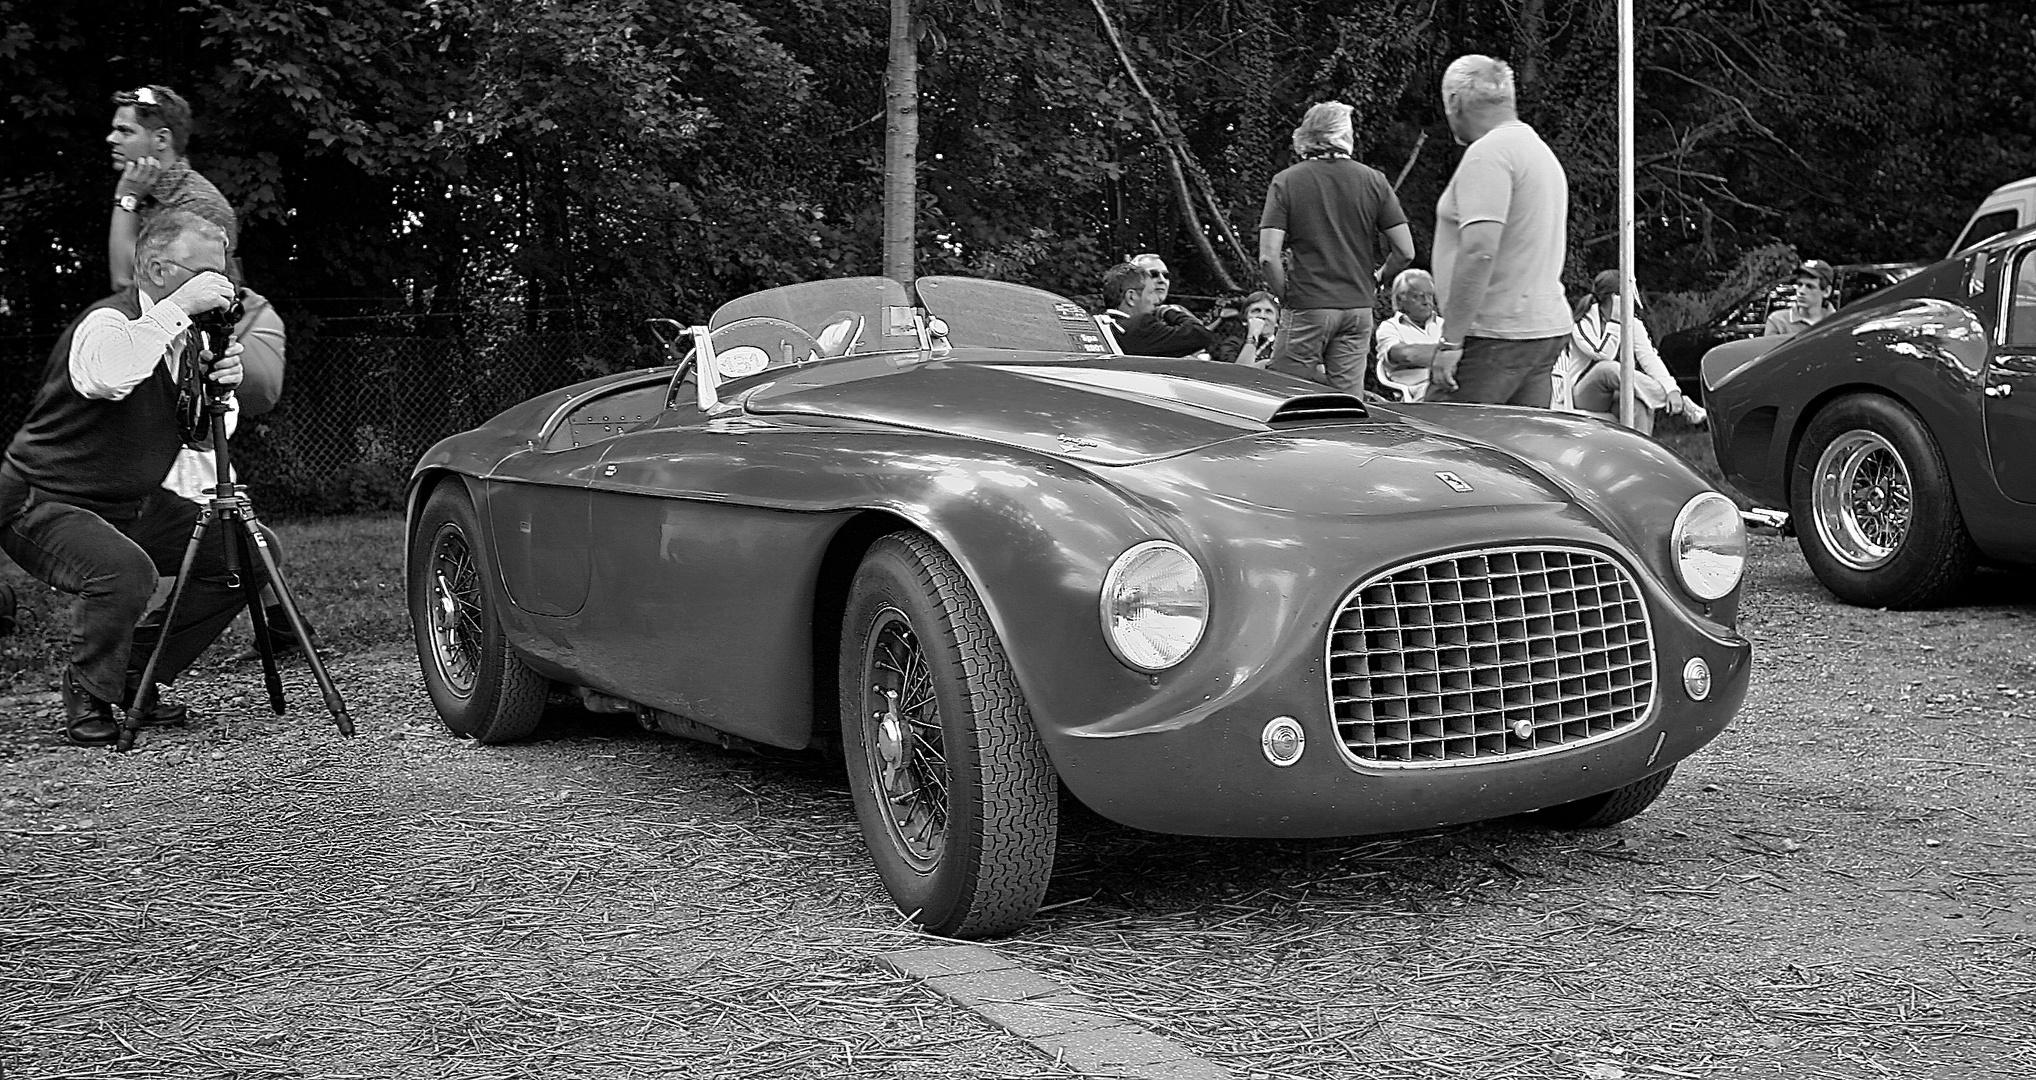 Ferrari 166 MM Touring Barchetta, 1948, Schloss Dyck